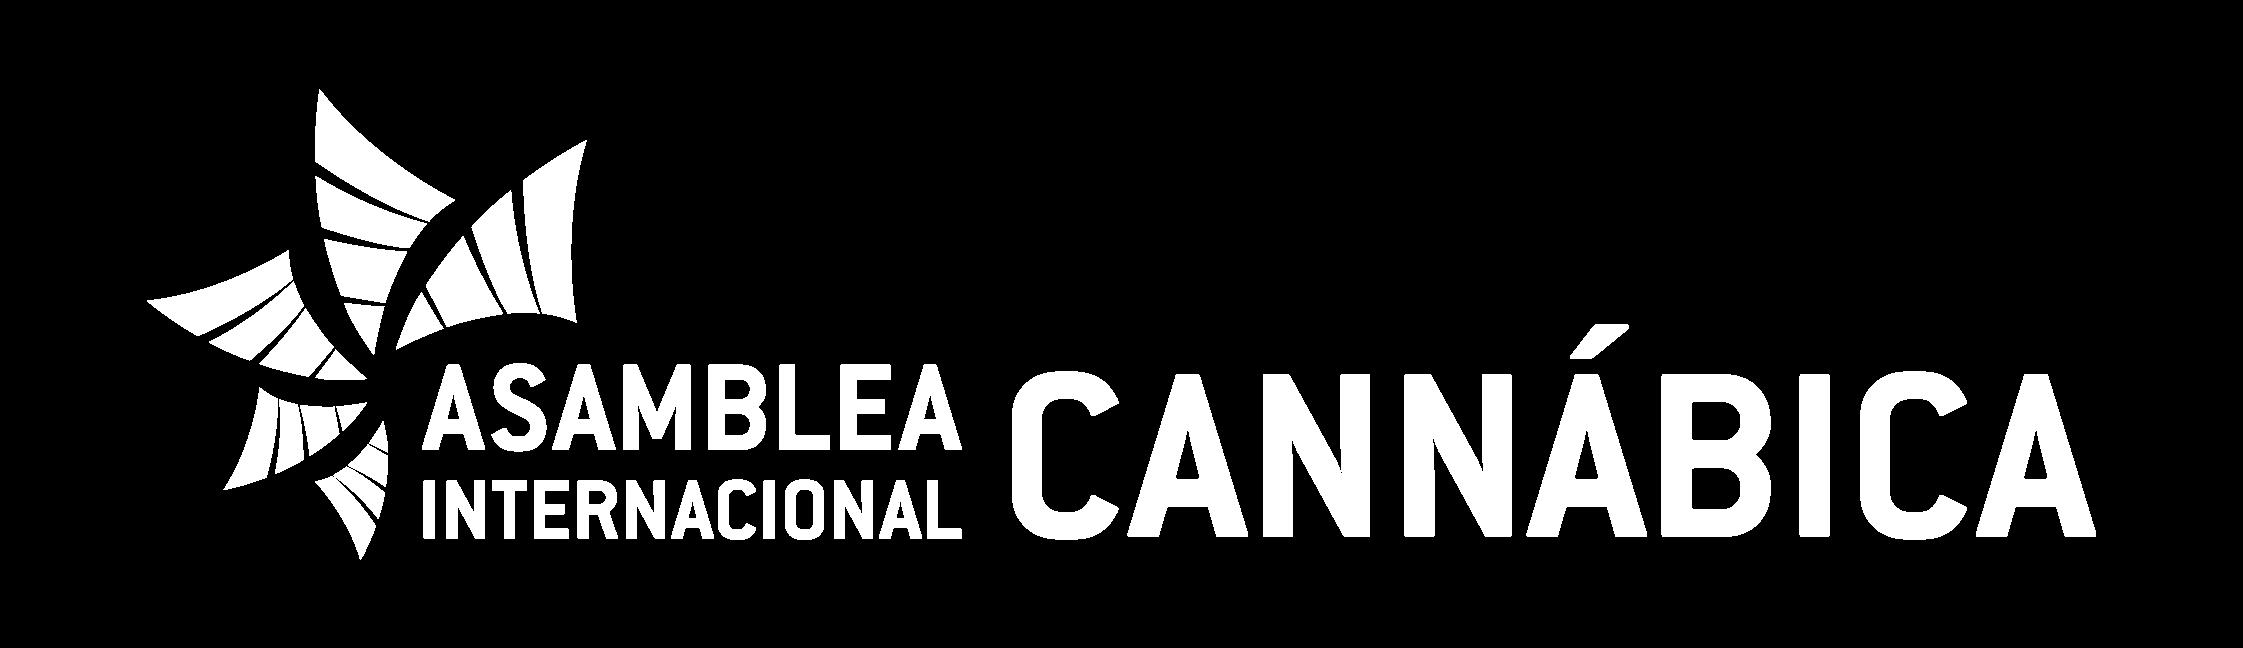 El lugar para debatir los desafíos y oportunidades actuales de la industria del cannabis